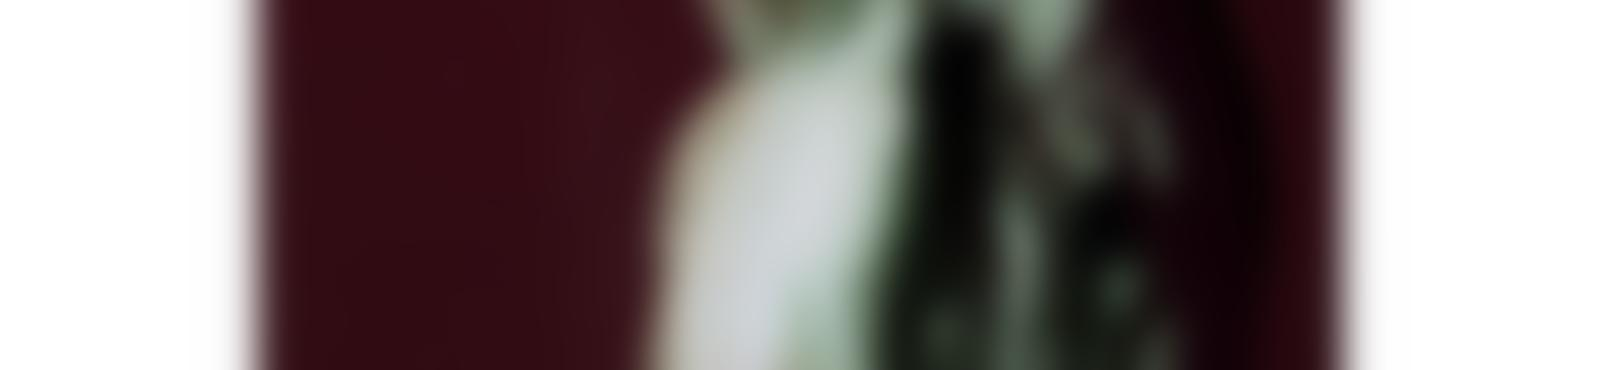 Blurred cf589a52 fa10 4cbd ac4c c48bb23d8cb6